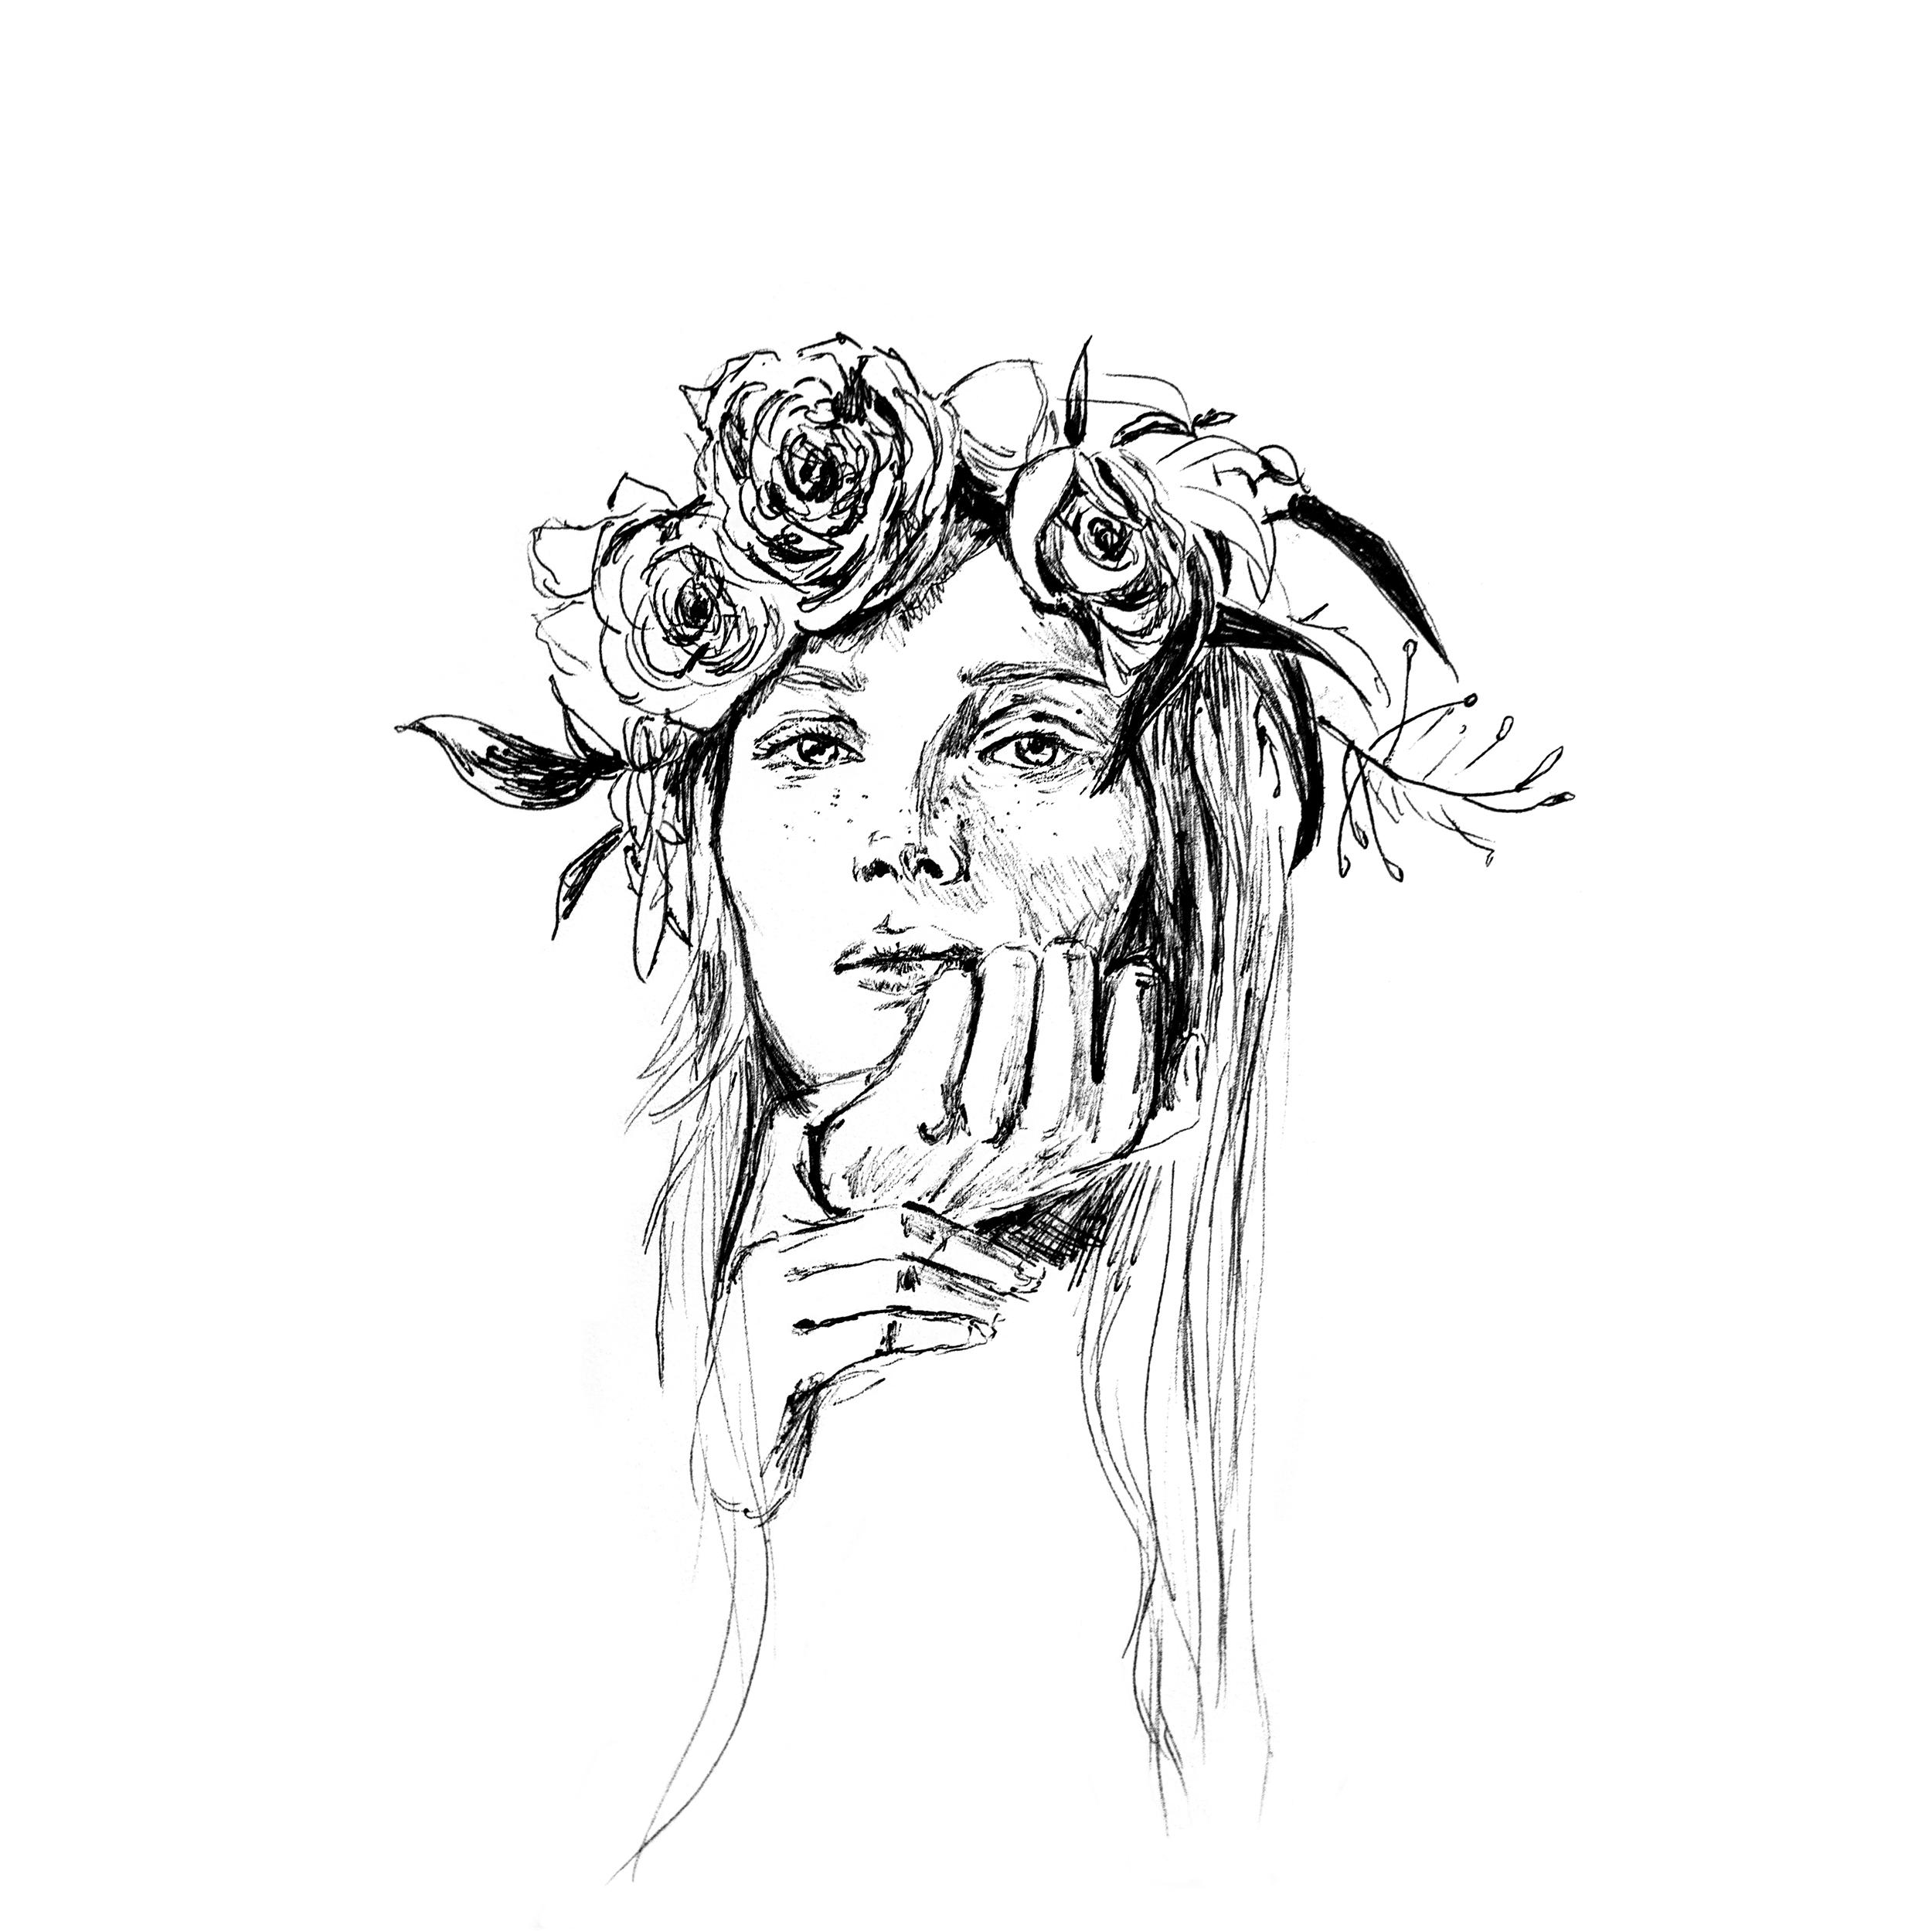 girl flowers in hair_Rianne Van Rompaey.jpg